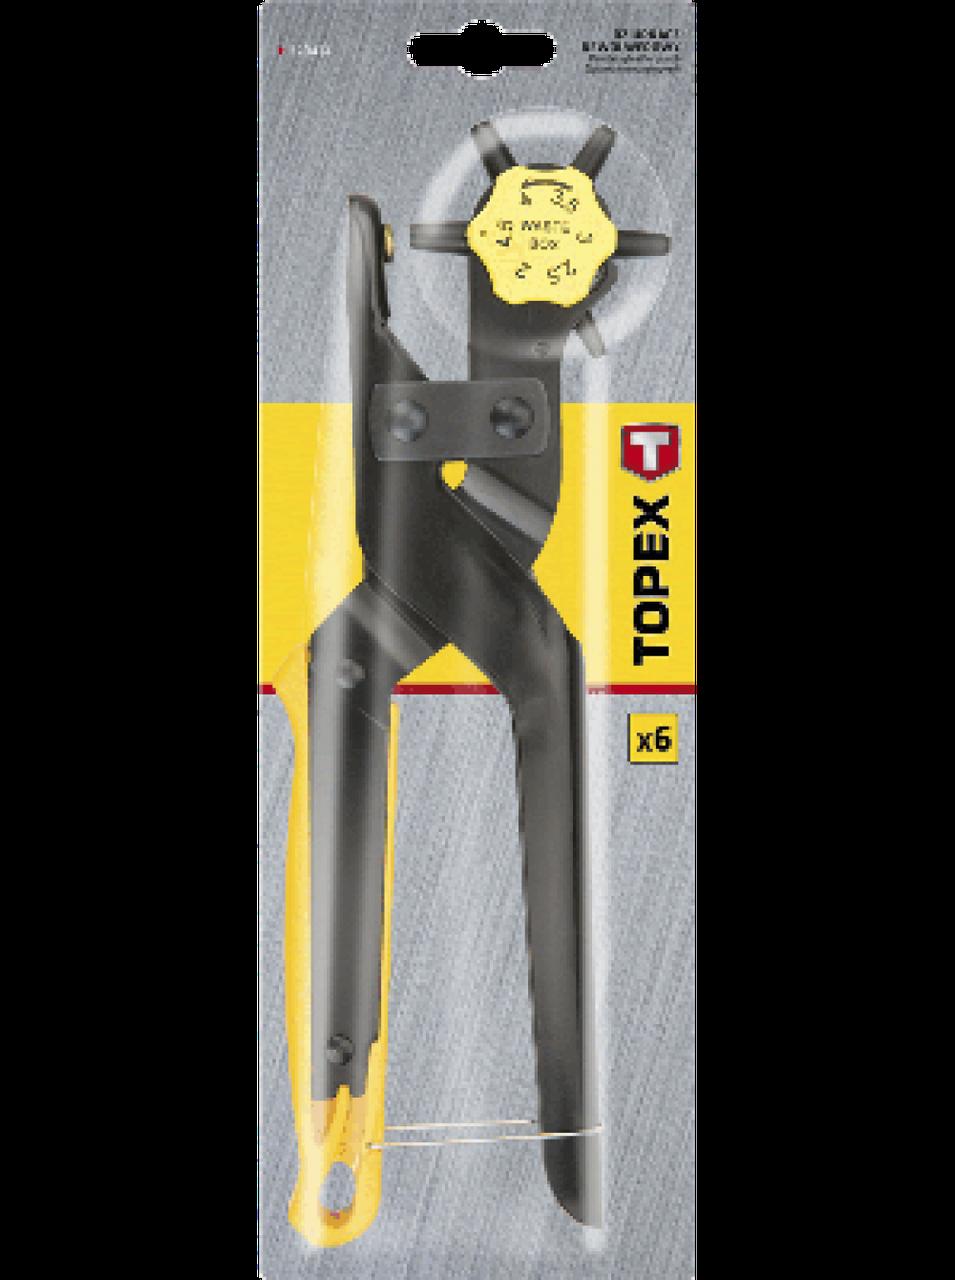 Револьверный пробойник для кожи  Topex 240 мм - Строительные, отделочные инструменты, крепежный, механический инструмент - NEO-TOPEX в Киеве